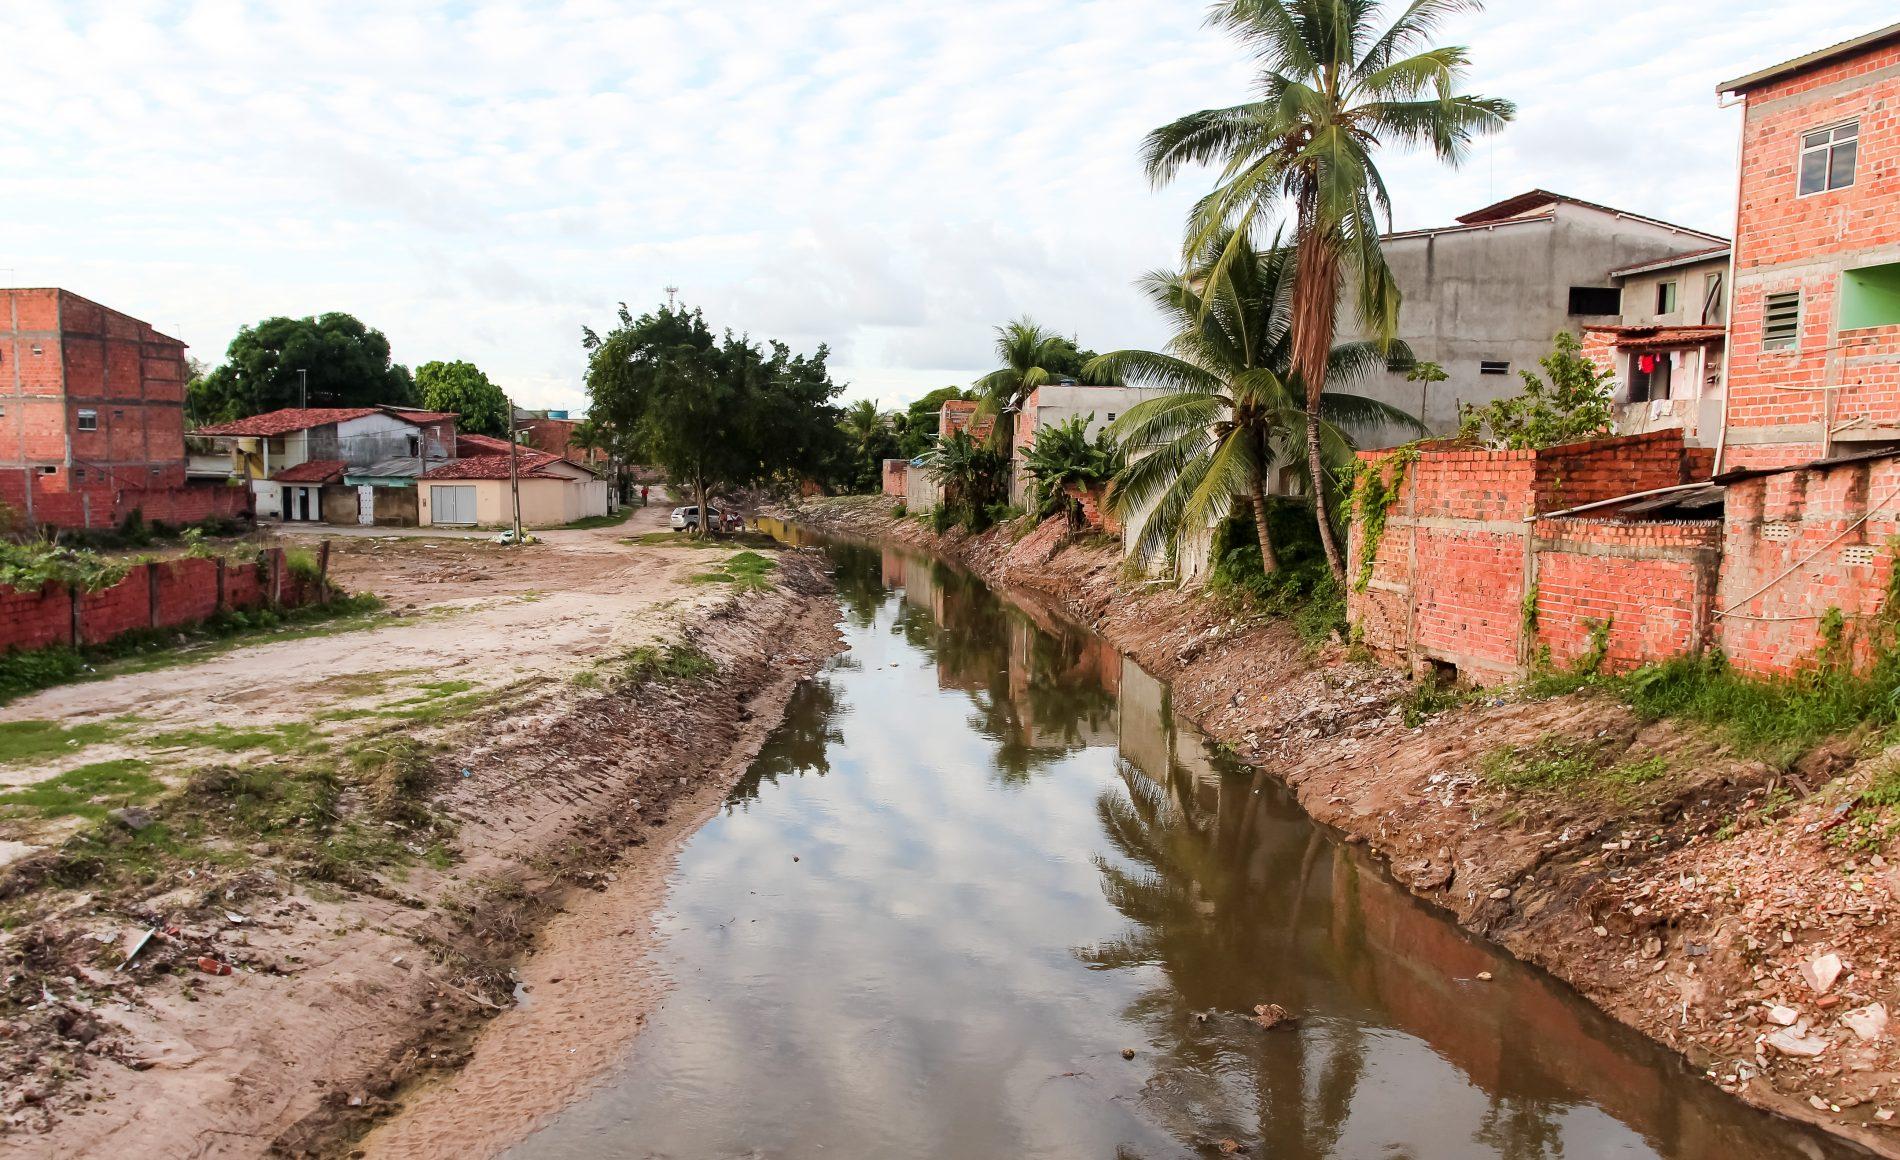 Obras de Urbanização Integrada da Bacia do Rio Camaçari trarão diversos benefícios ao município